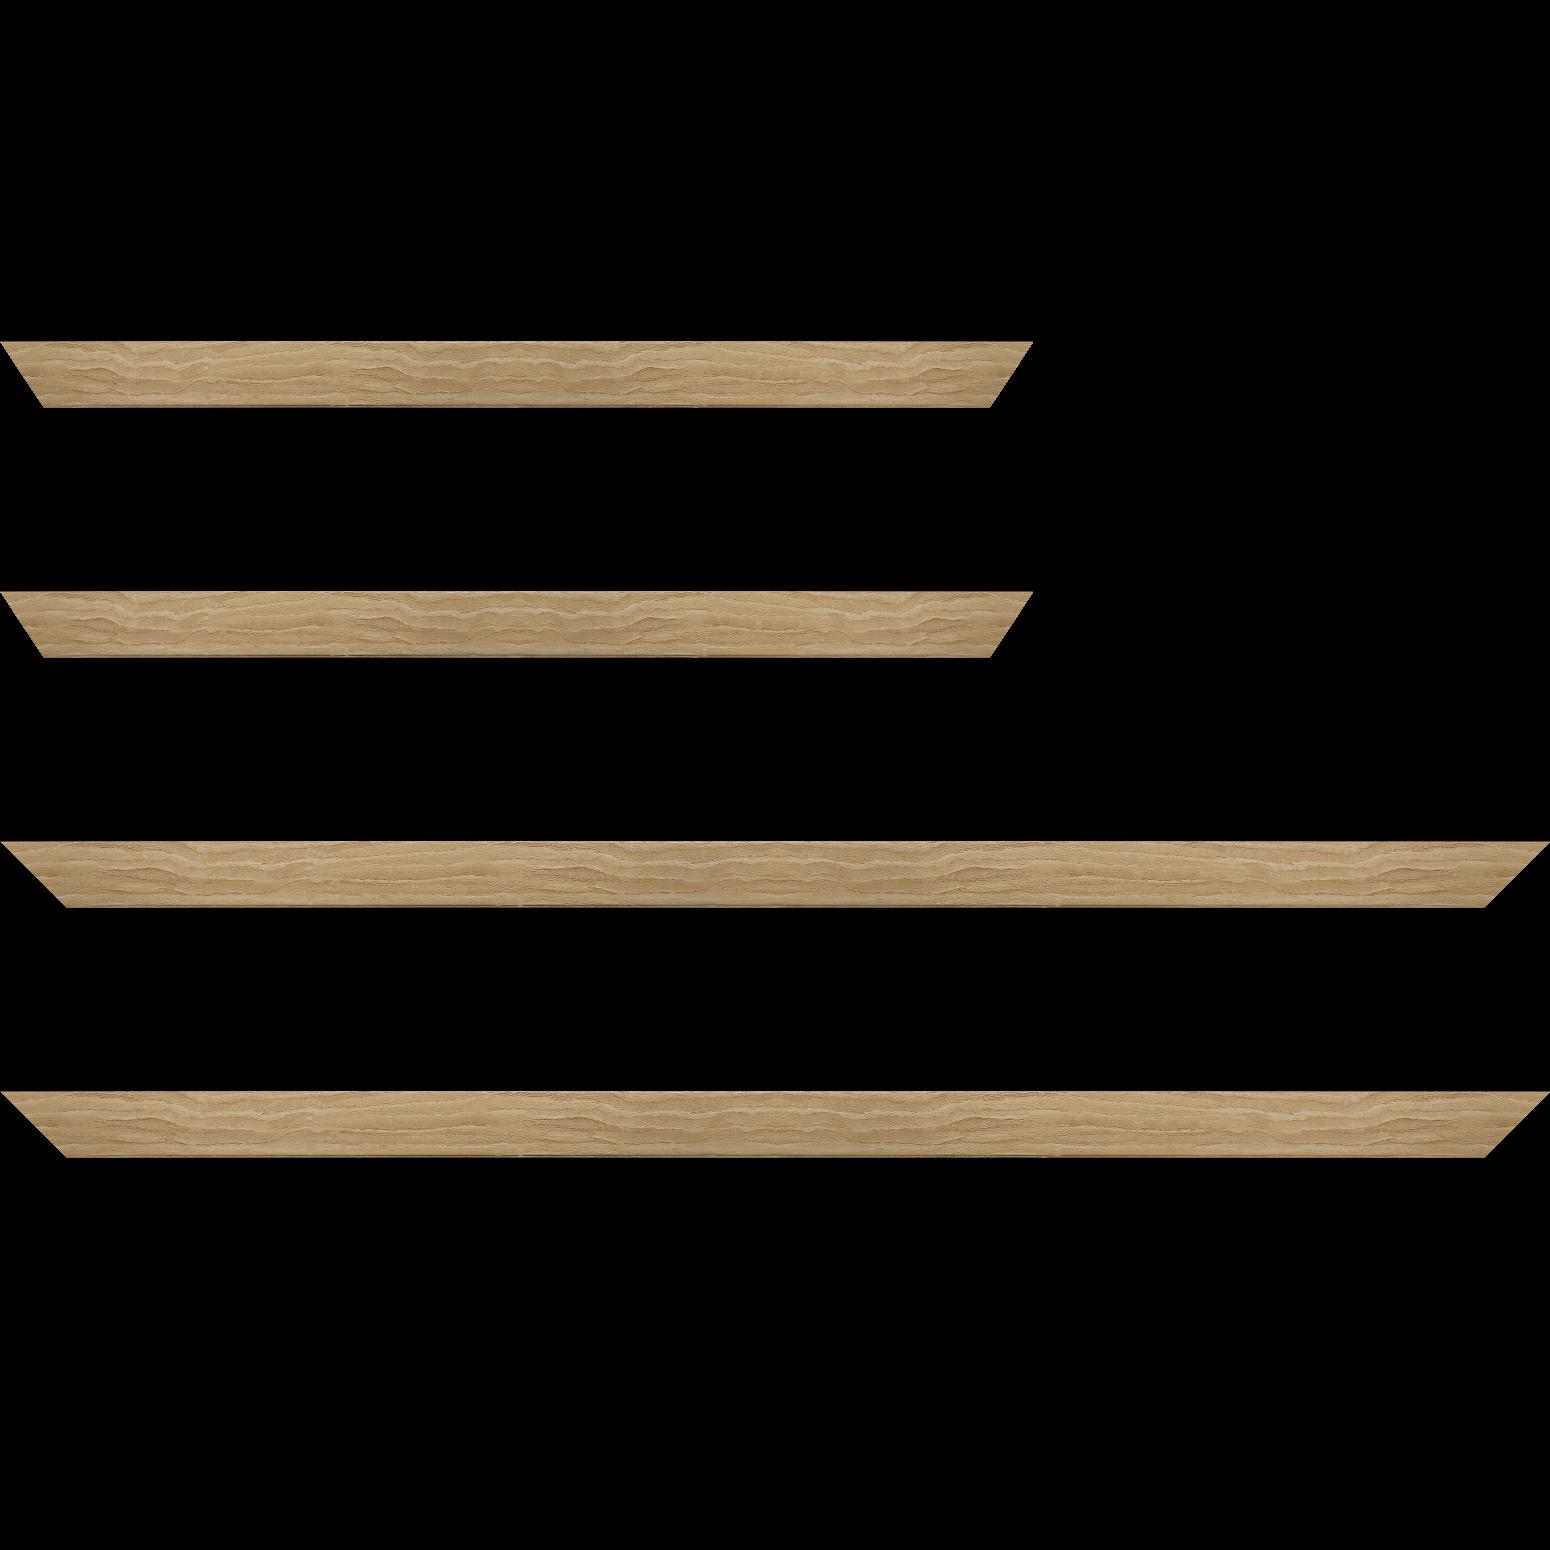 Baguette service précoupé Bois profil plat largeur 2cm décor bois naturel